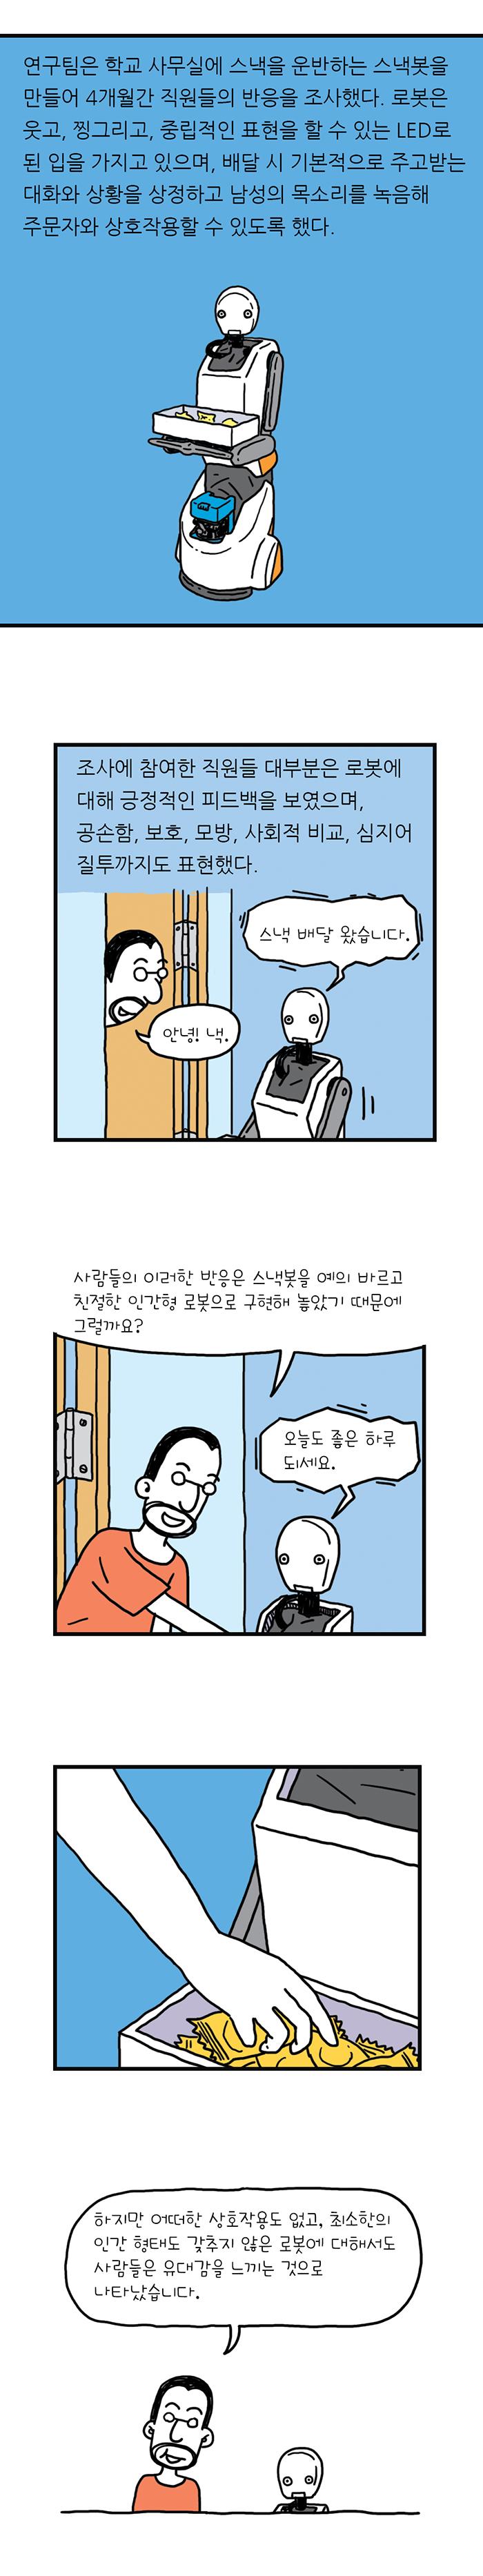 사이언티픽 게이머즈 시즌4 #2 디트로이트: 로봇과 인간의 유대 5